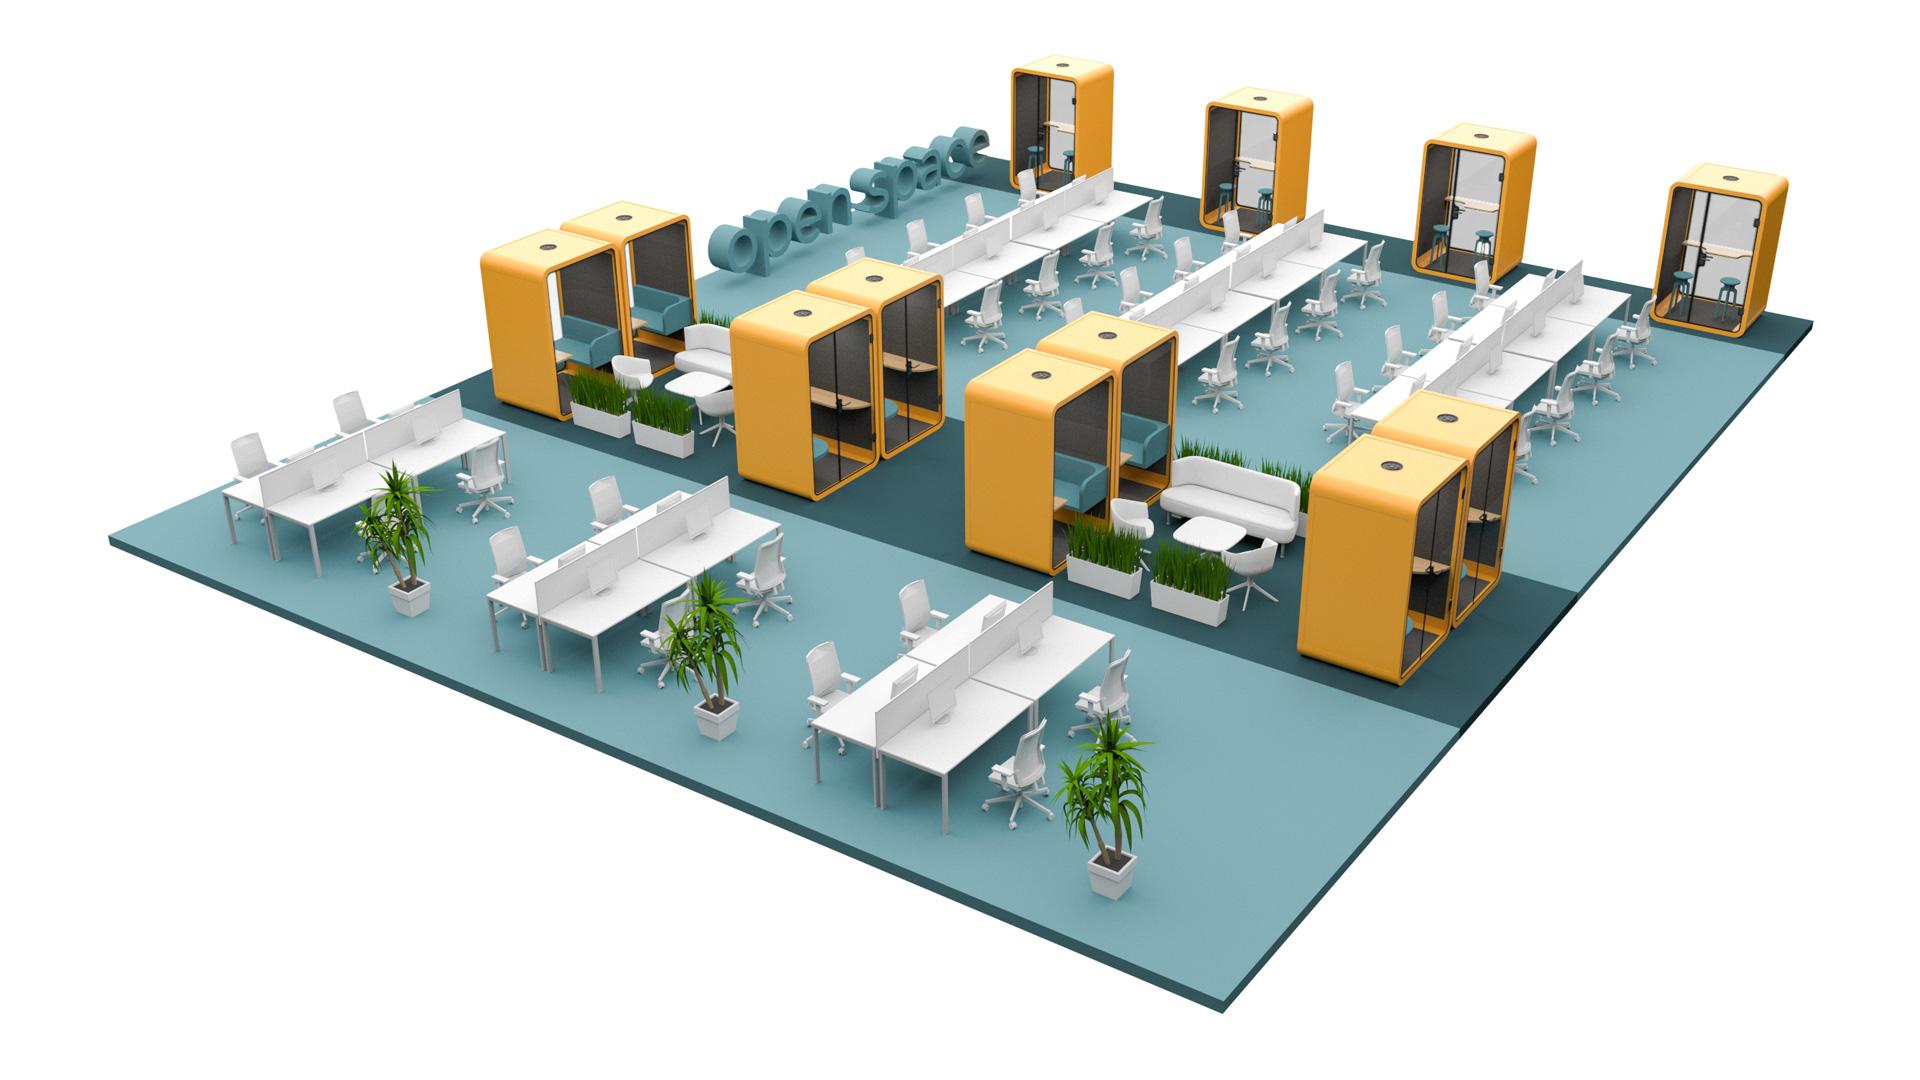 Przykład wizualny zastosowania budki akustycznej Silent Room w biurze typu open space